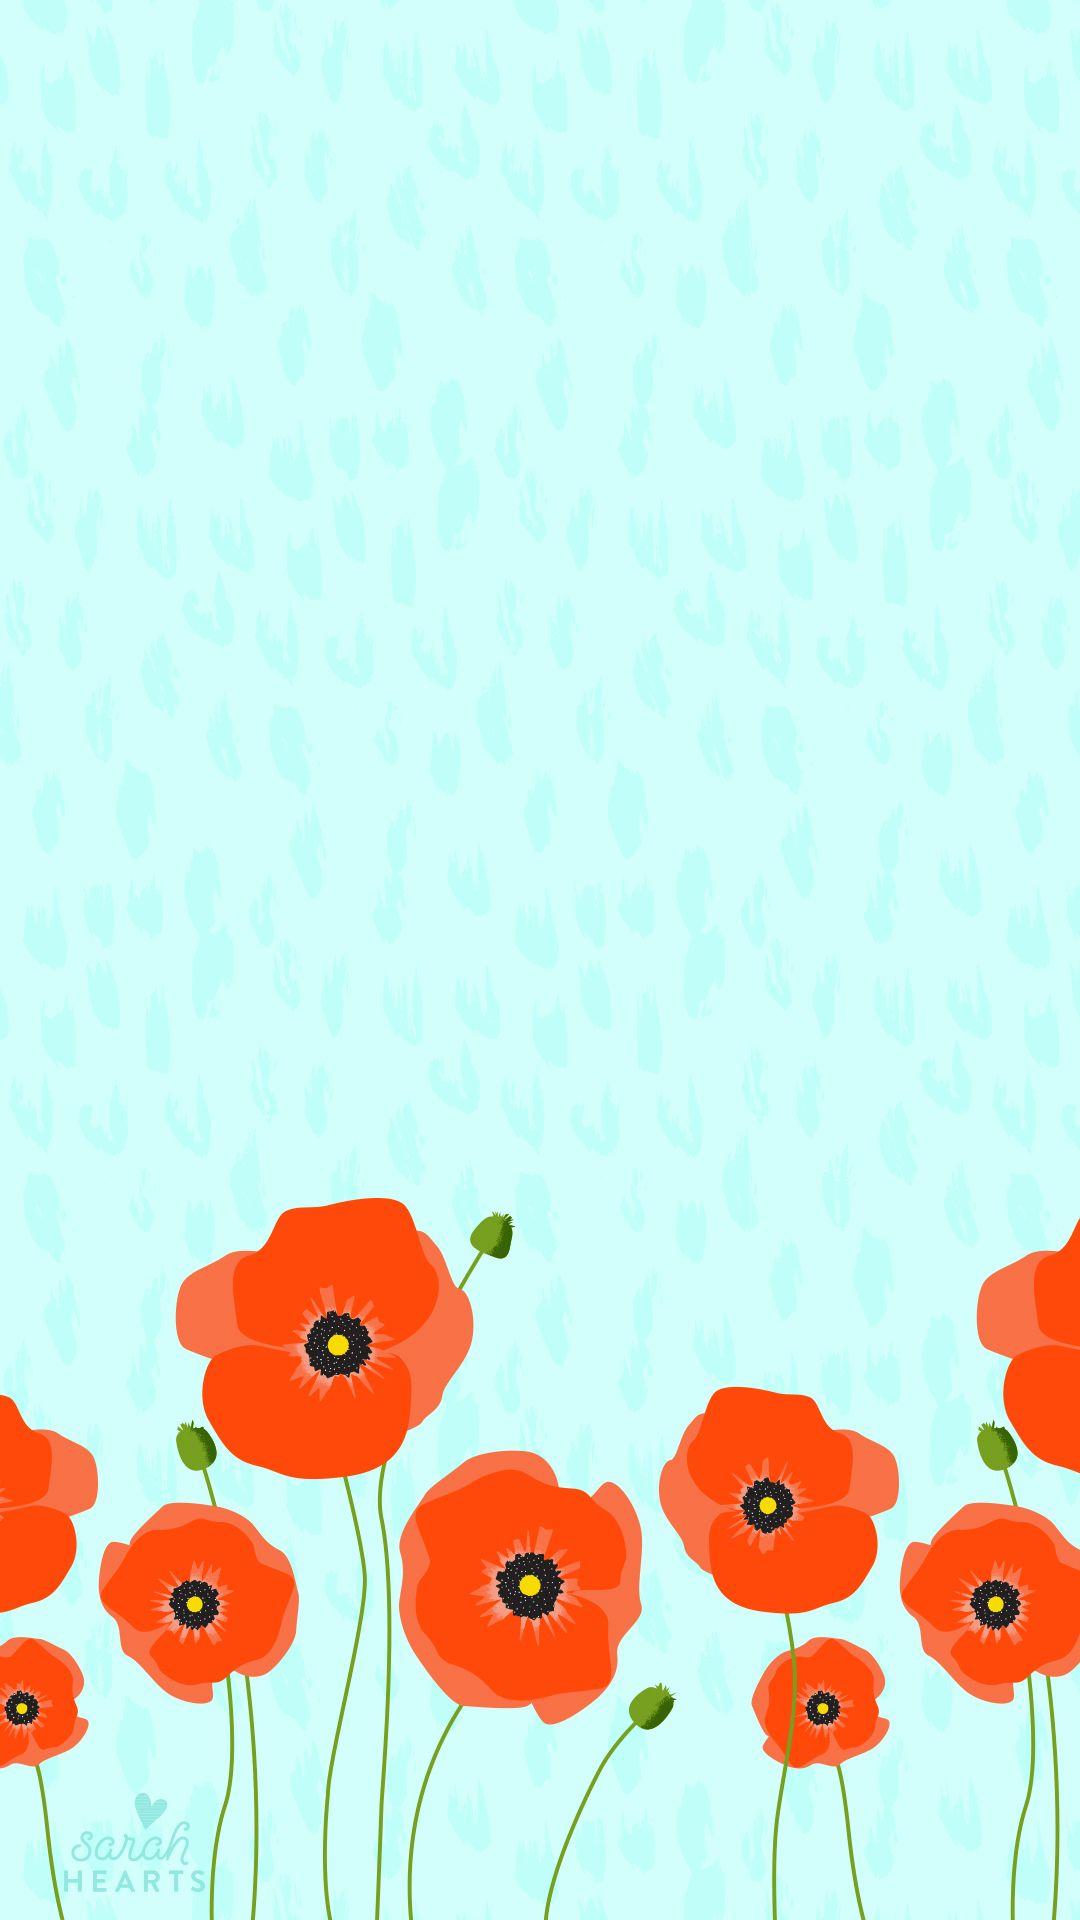 Most Inspiring Wallpaper Home Screen Cute - d6b1898da7d0095f065224ddbe38064d  Snapshot_211569.jpg